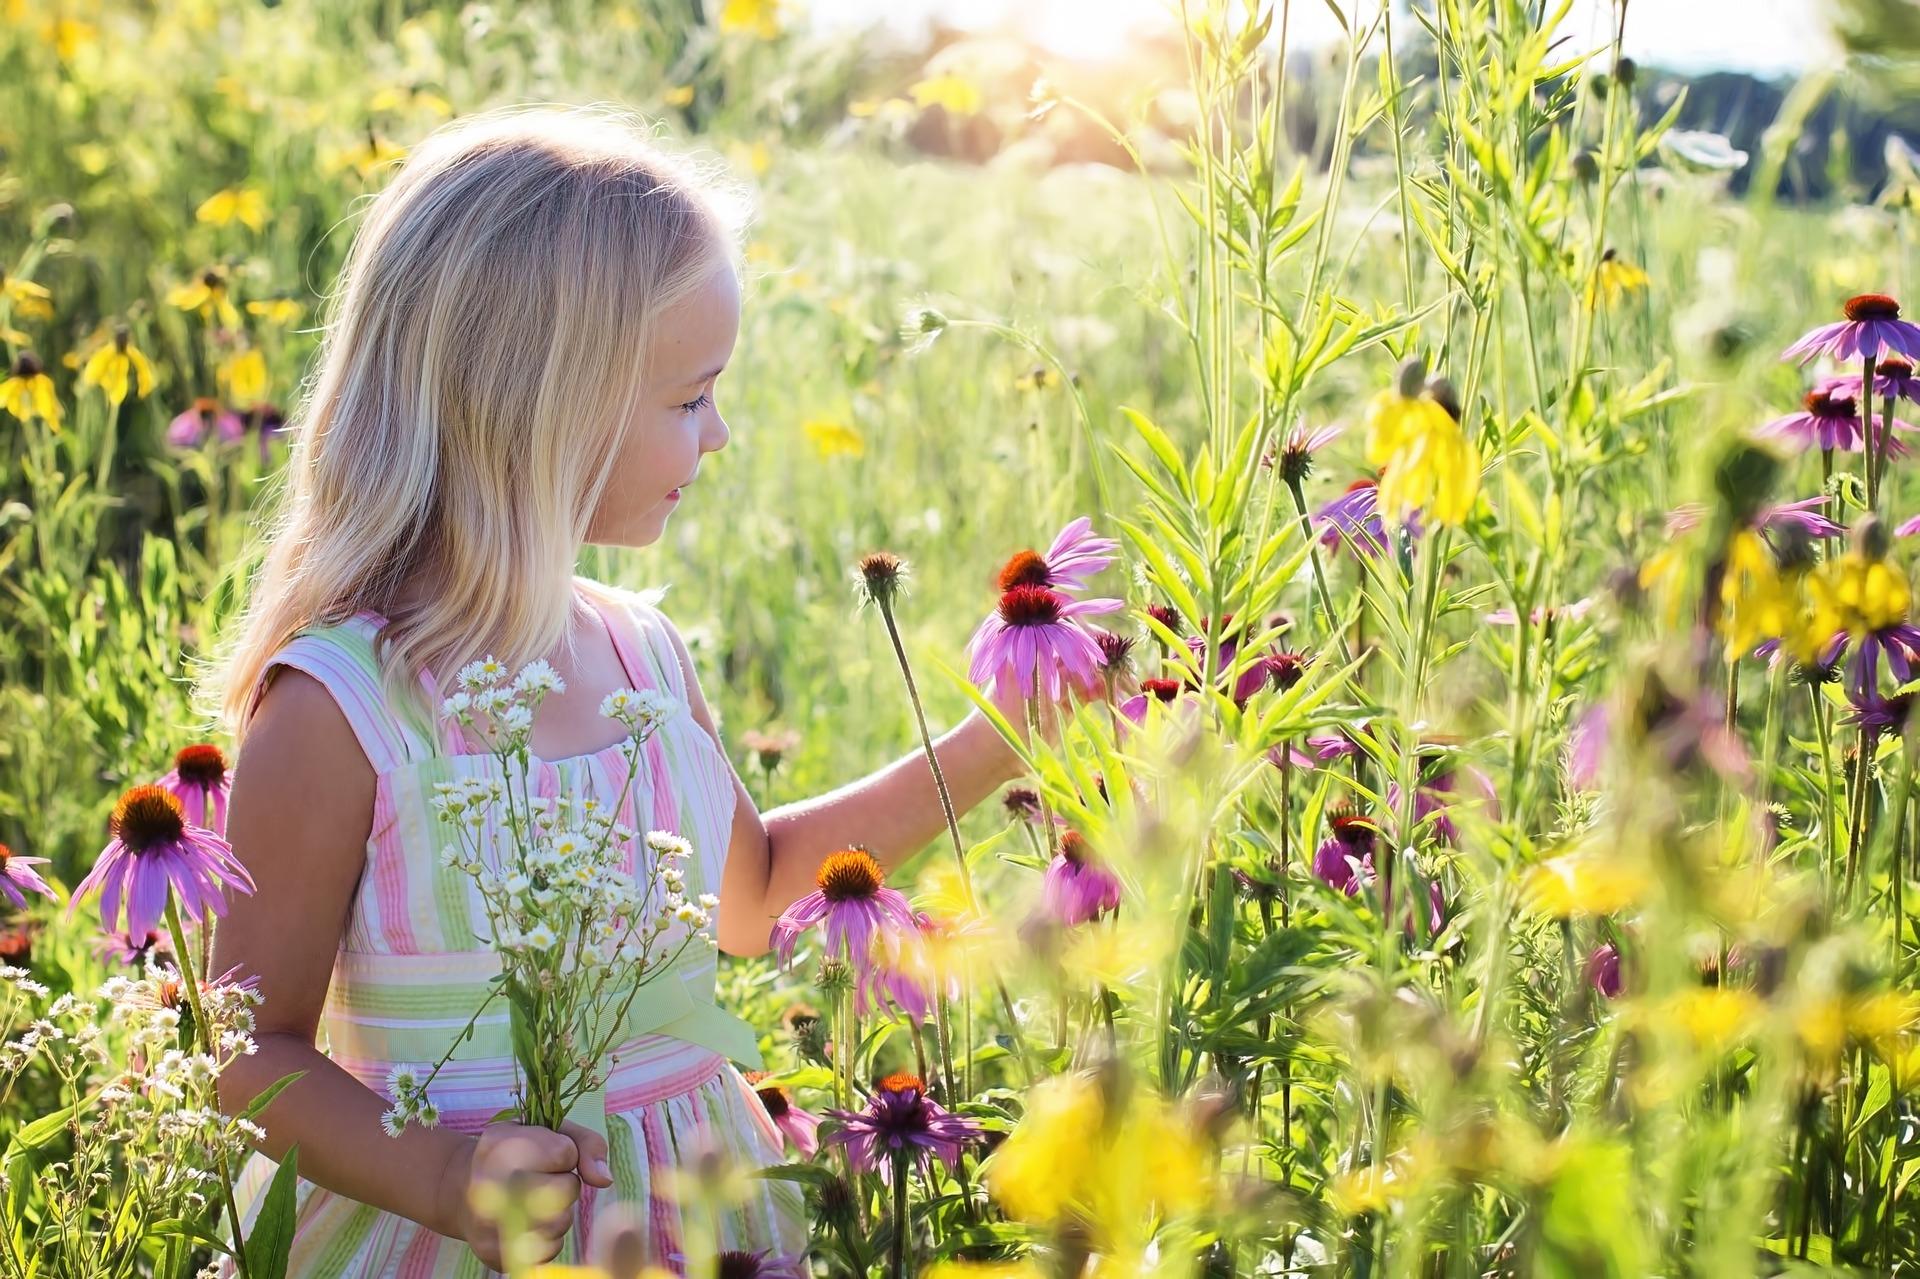 Εμφυσώντας στα παιδιά μας υψηλά ιδανικά και έναν απλό τρόπο ζωής